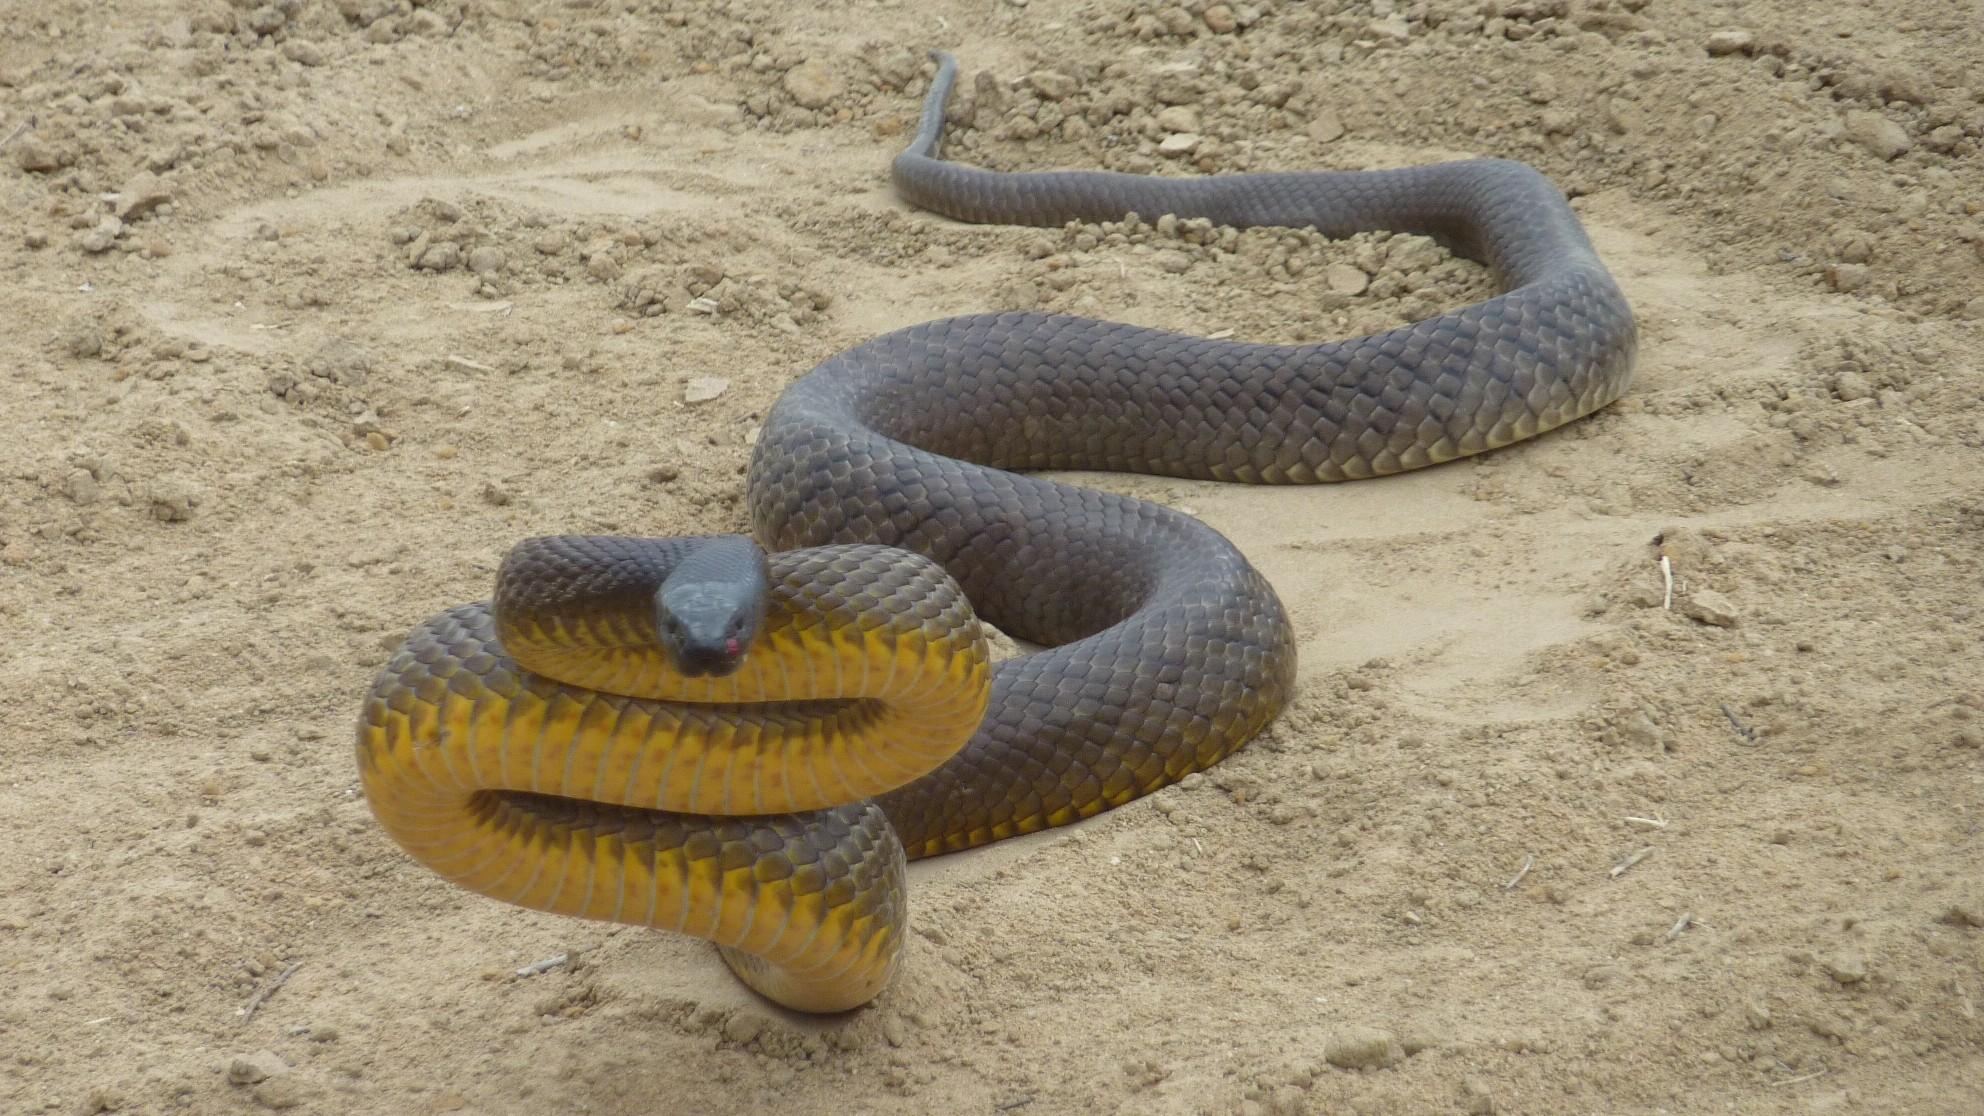 Đây mới là loài rắn độc nhất thế giới: Nọc độc trong 1 vết cắn có thể giết 100 người đàn ông trưởng thành - Ảnh 4.